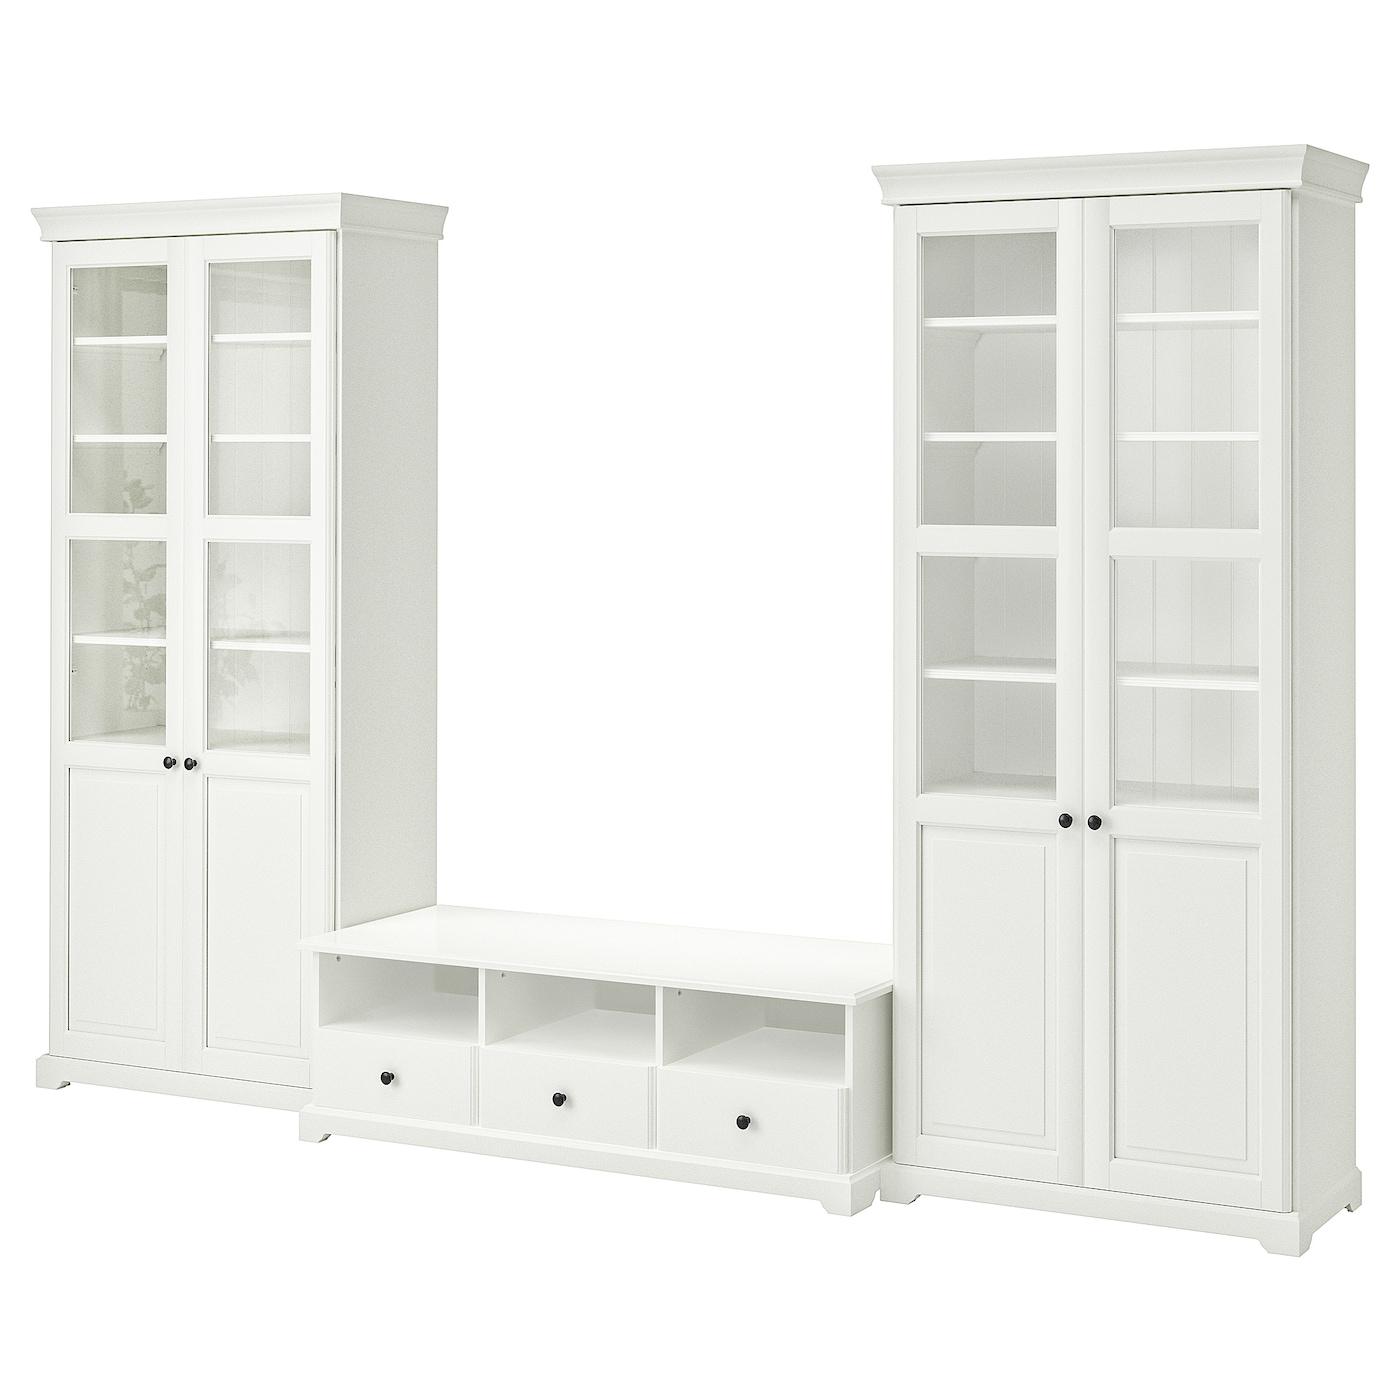 Liatorp Tv Kast.Liatorp Tv Meubel Combi Wit 331x214 Cm Ikea